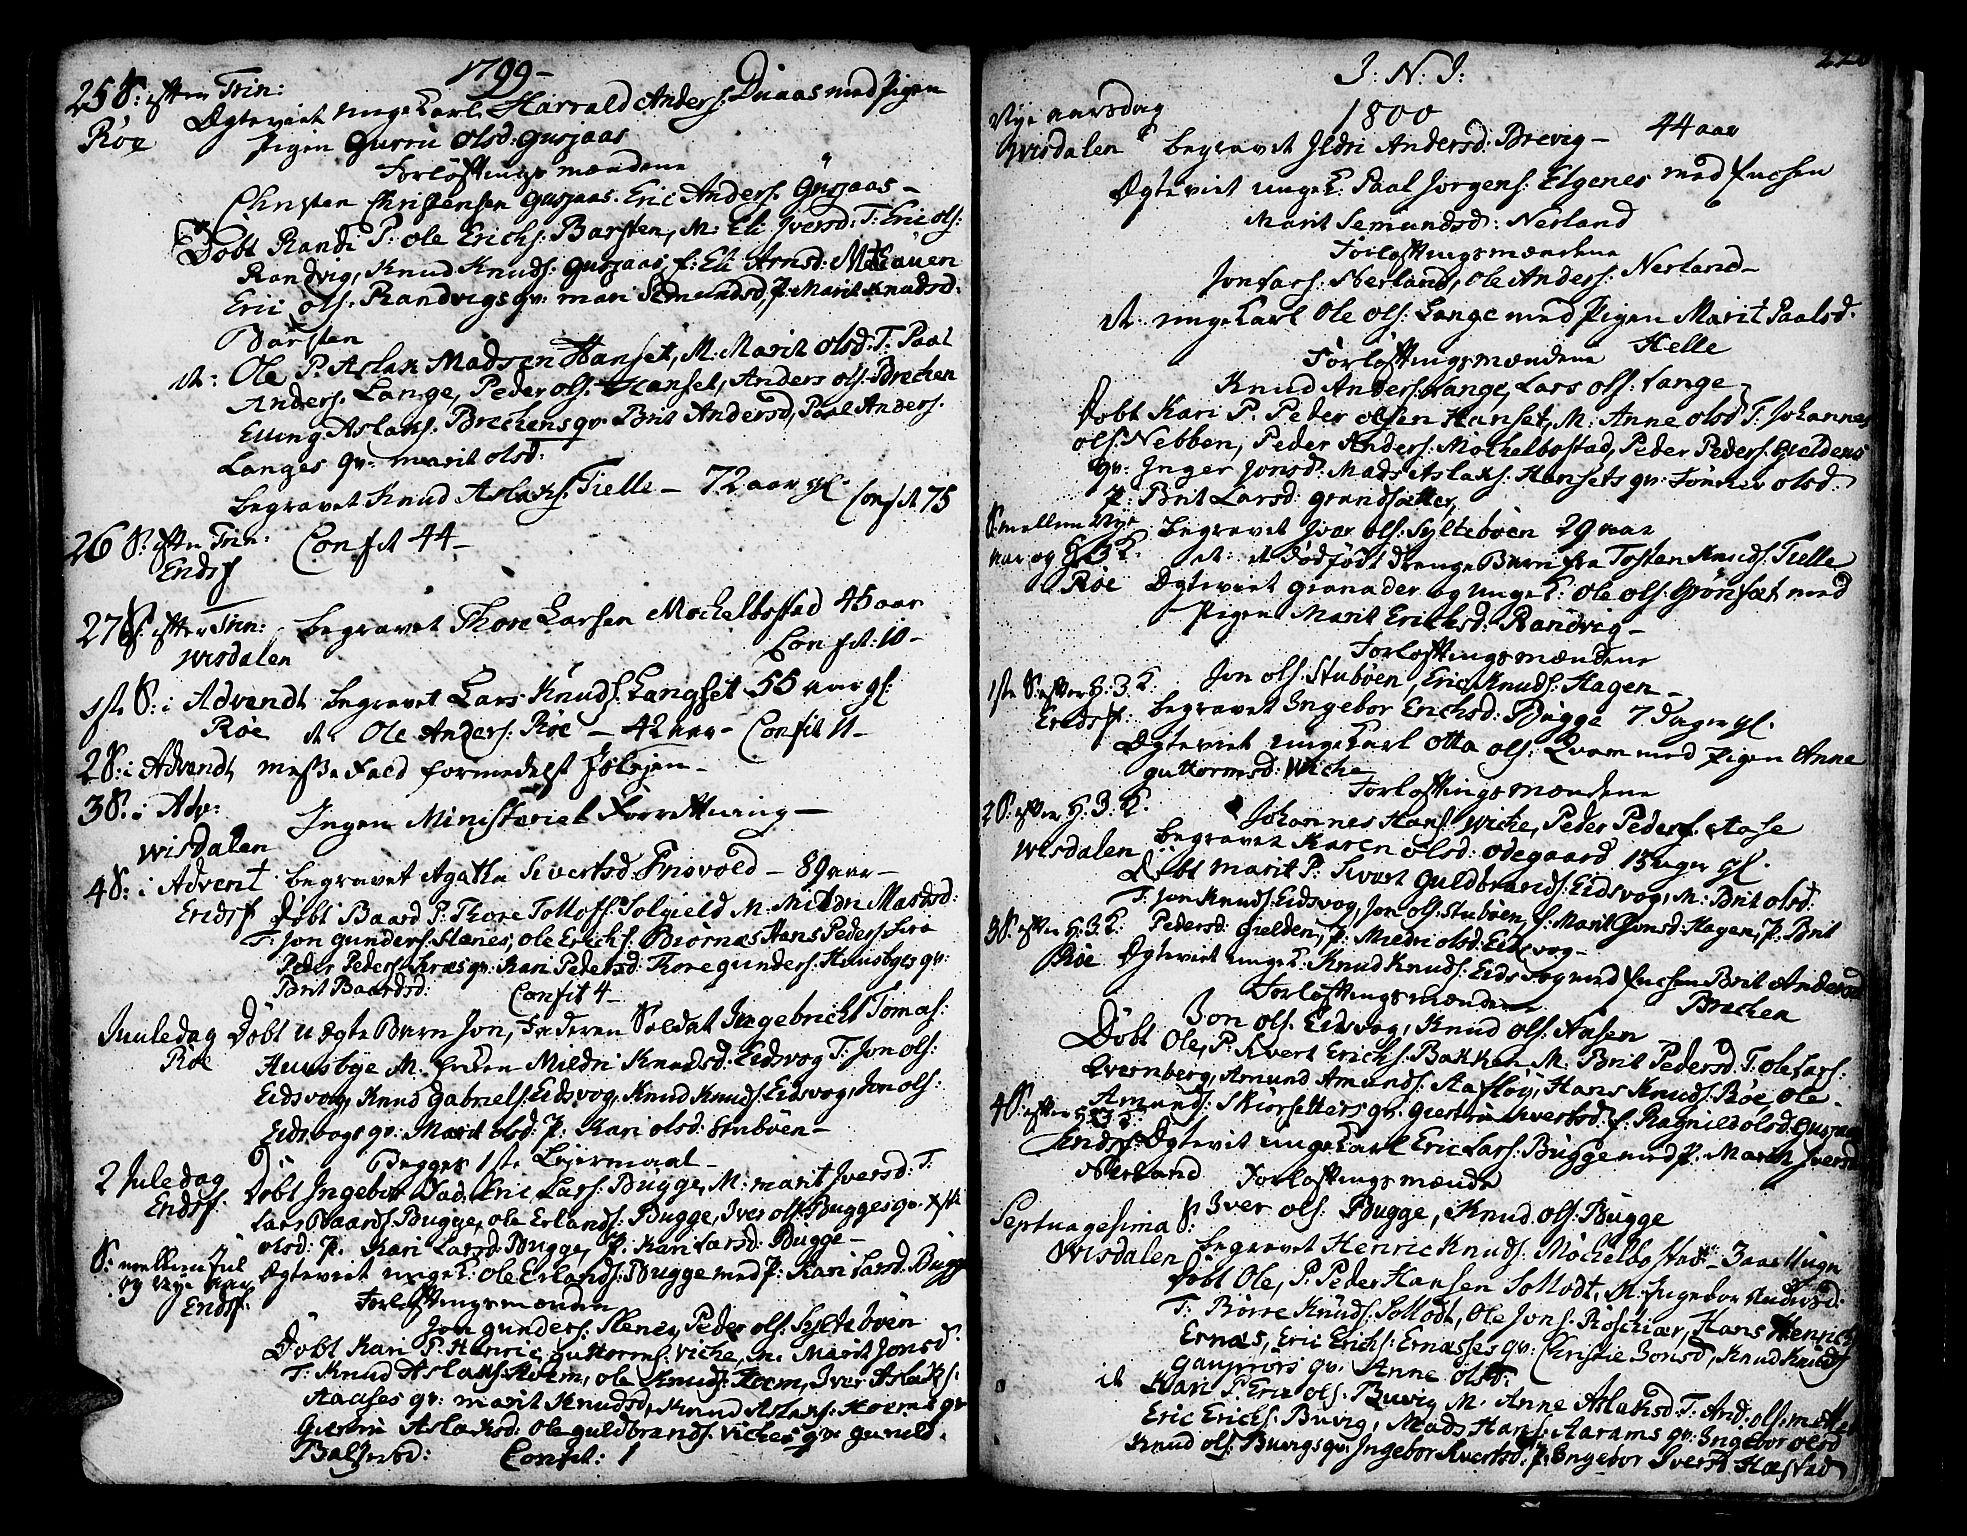 SAT, Ministerialprotokoller, klokkerbøker og fødselsregistre - Møre og Romsdal, 551/L0621: Parish register (official) no. 551A01, 1757-1803, p. 220